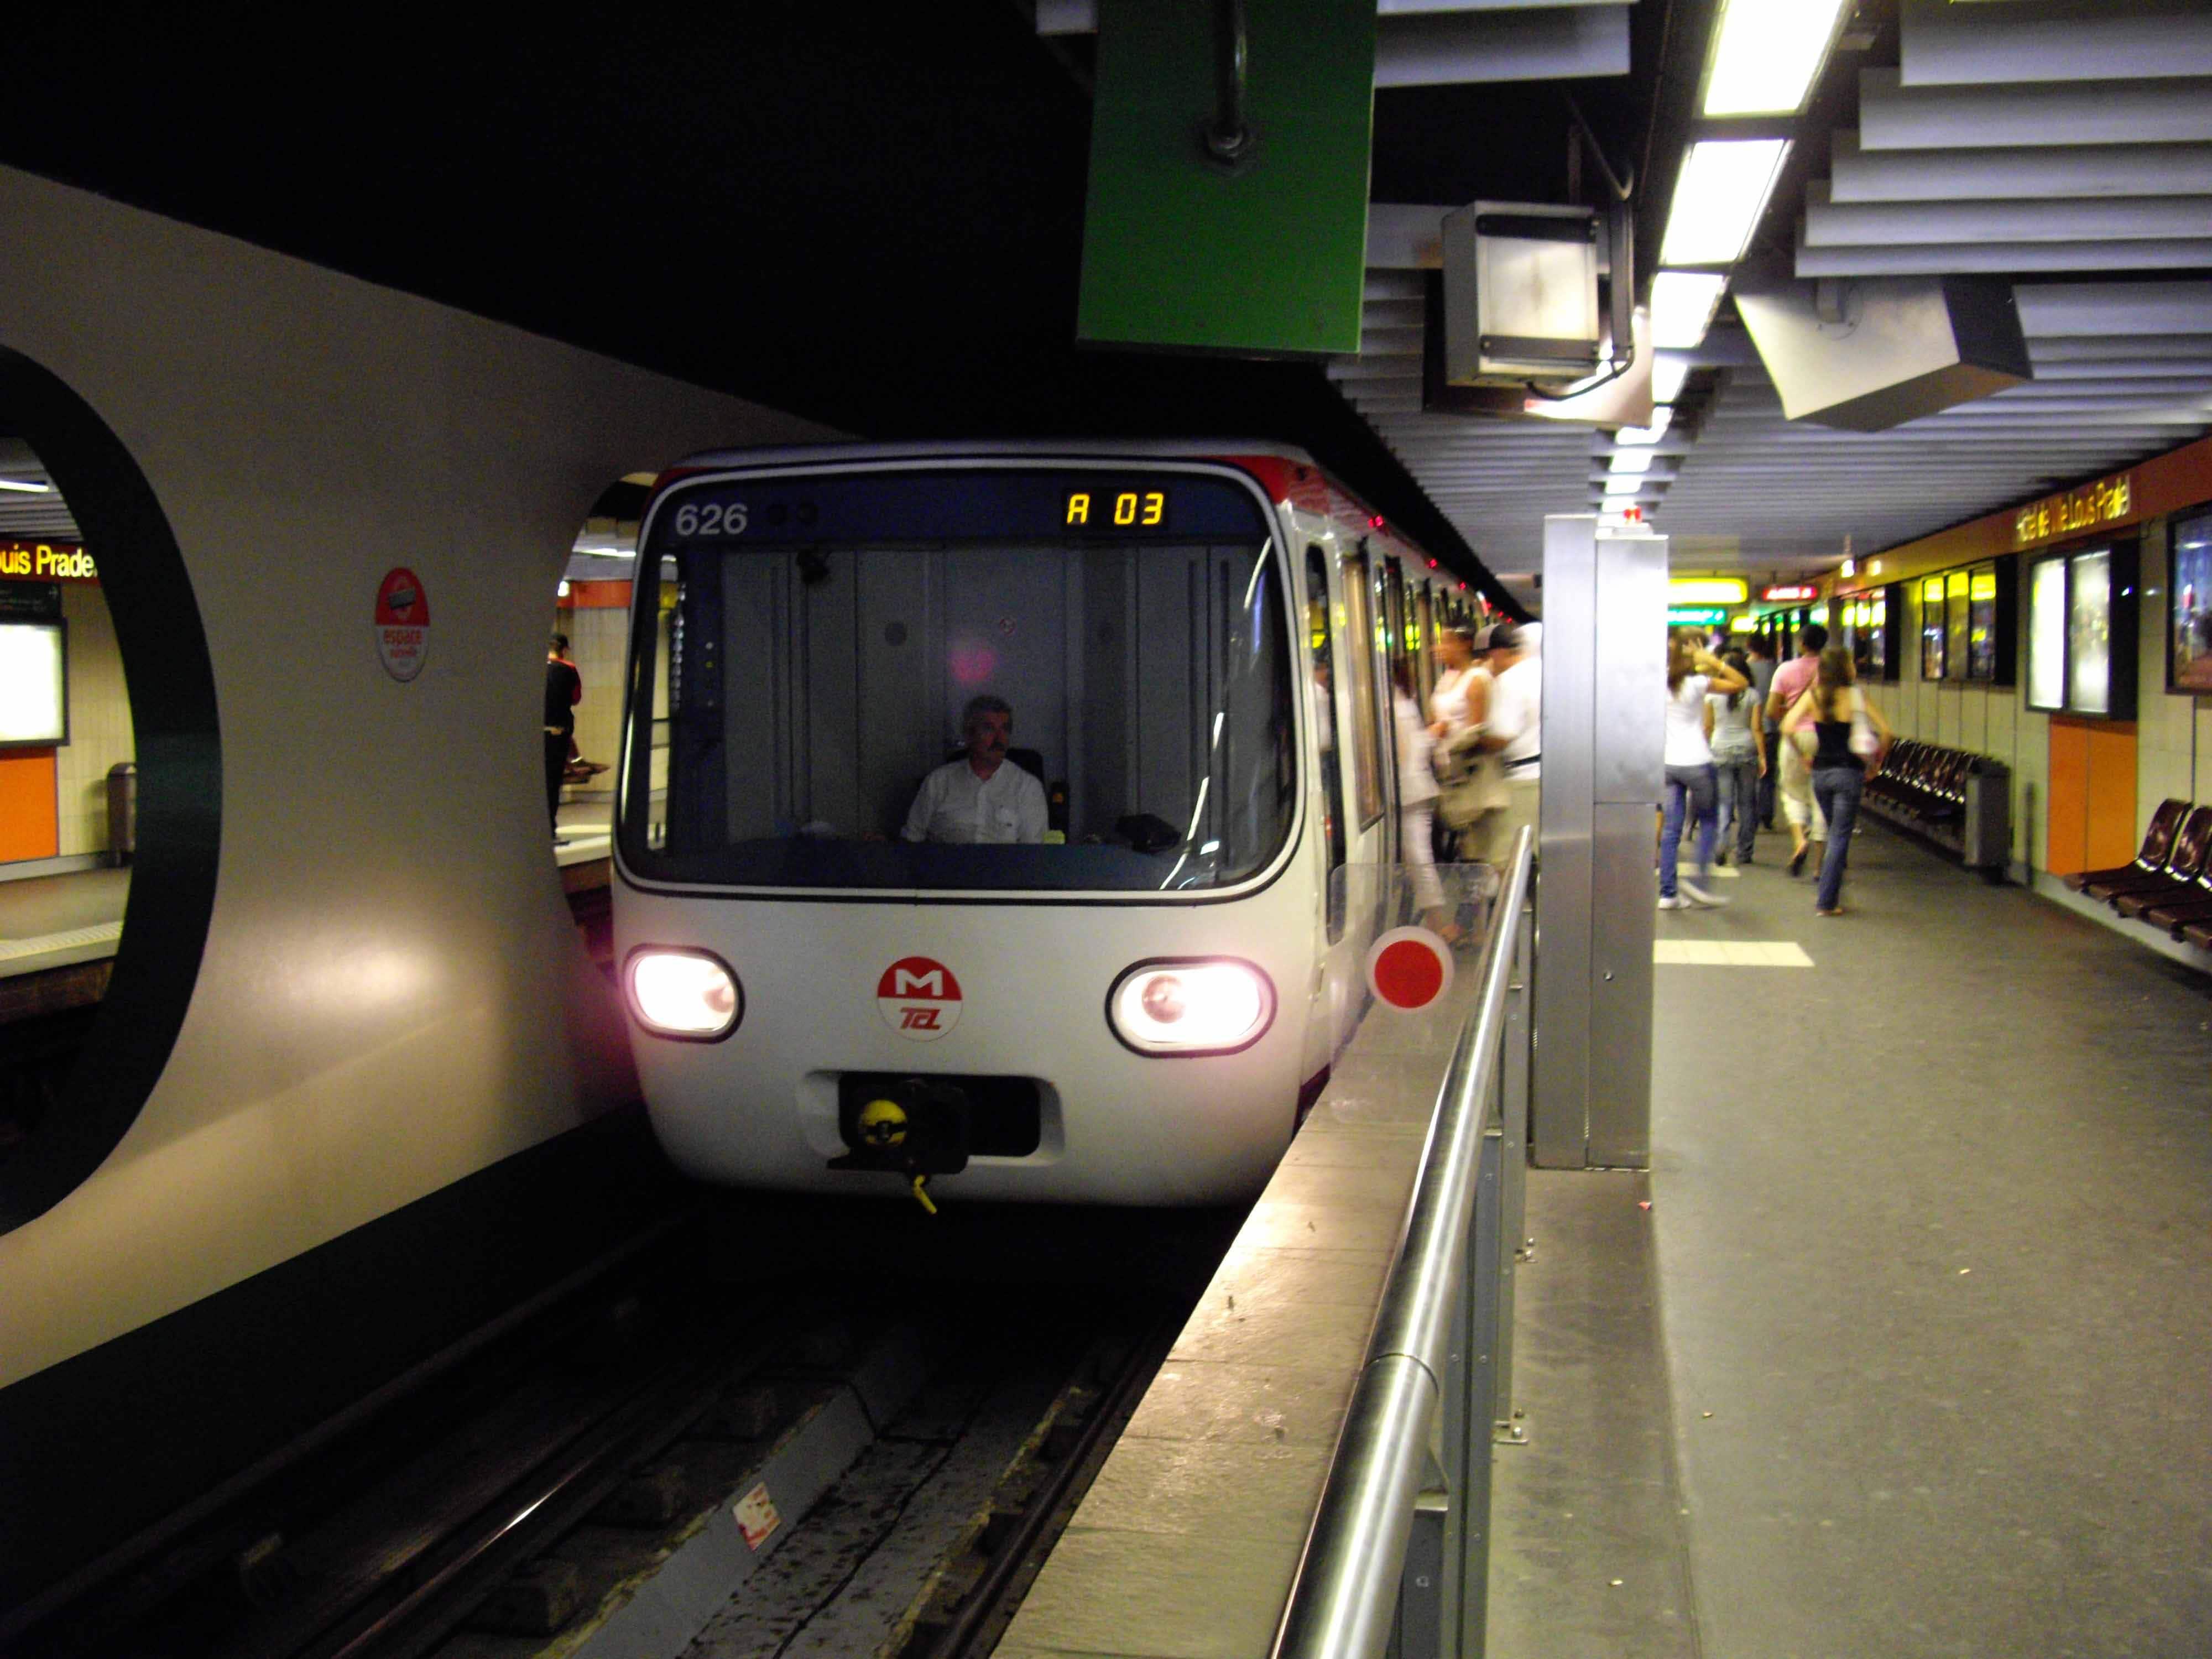 Un métro à la station Hôtel de ville Louis Pradel @ Florian Fèvre